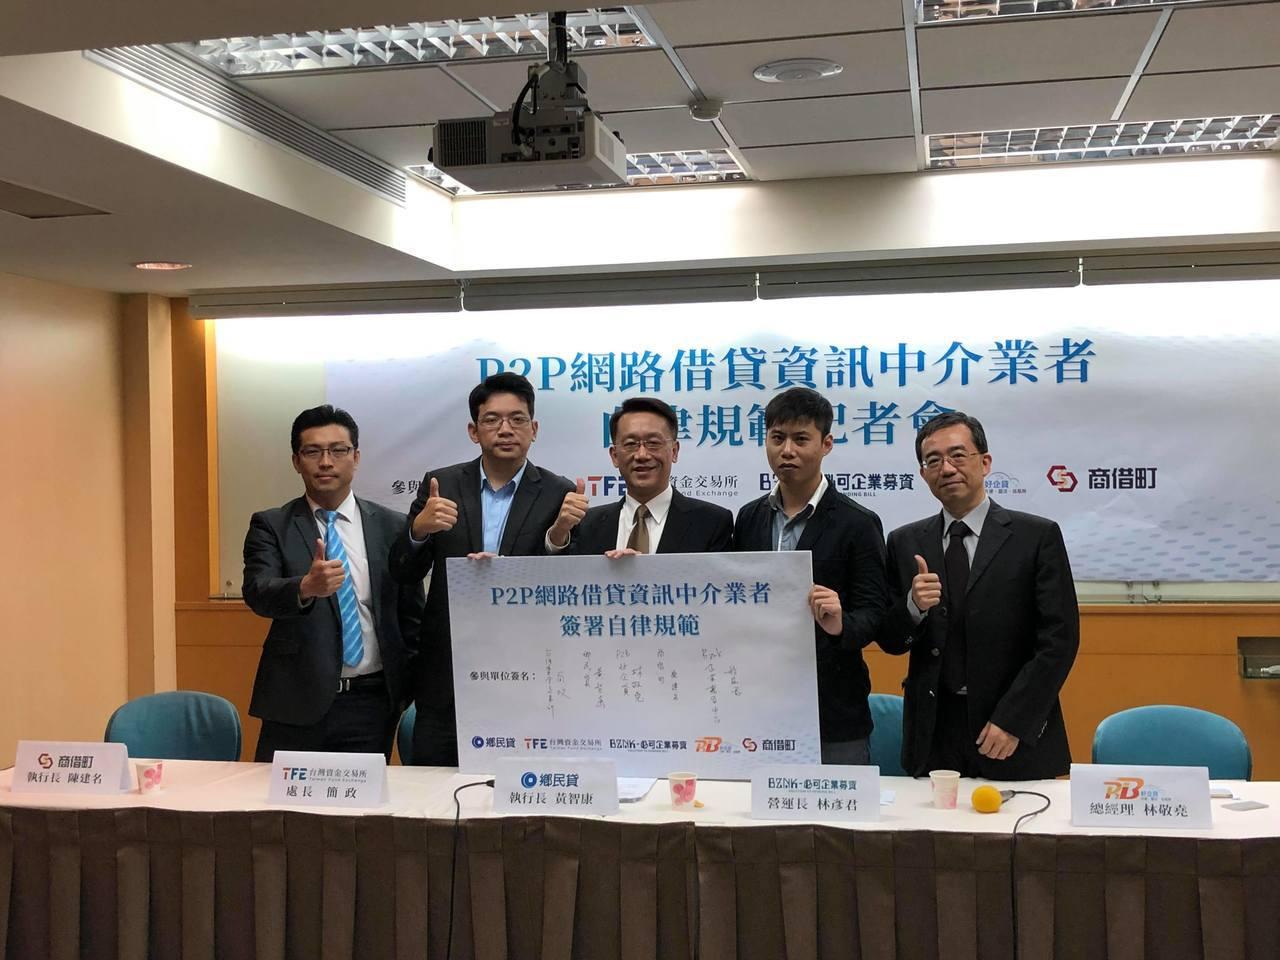 台灣五家P2P網路借貸業者共同簽署自律規範,規範中要求業者不得向出借人提供擔保或...